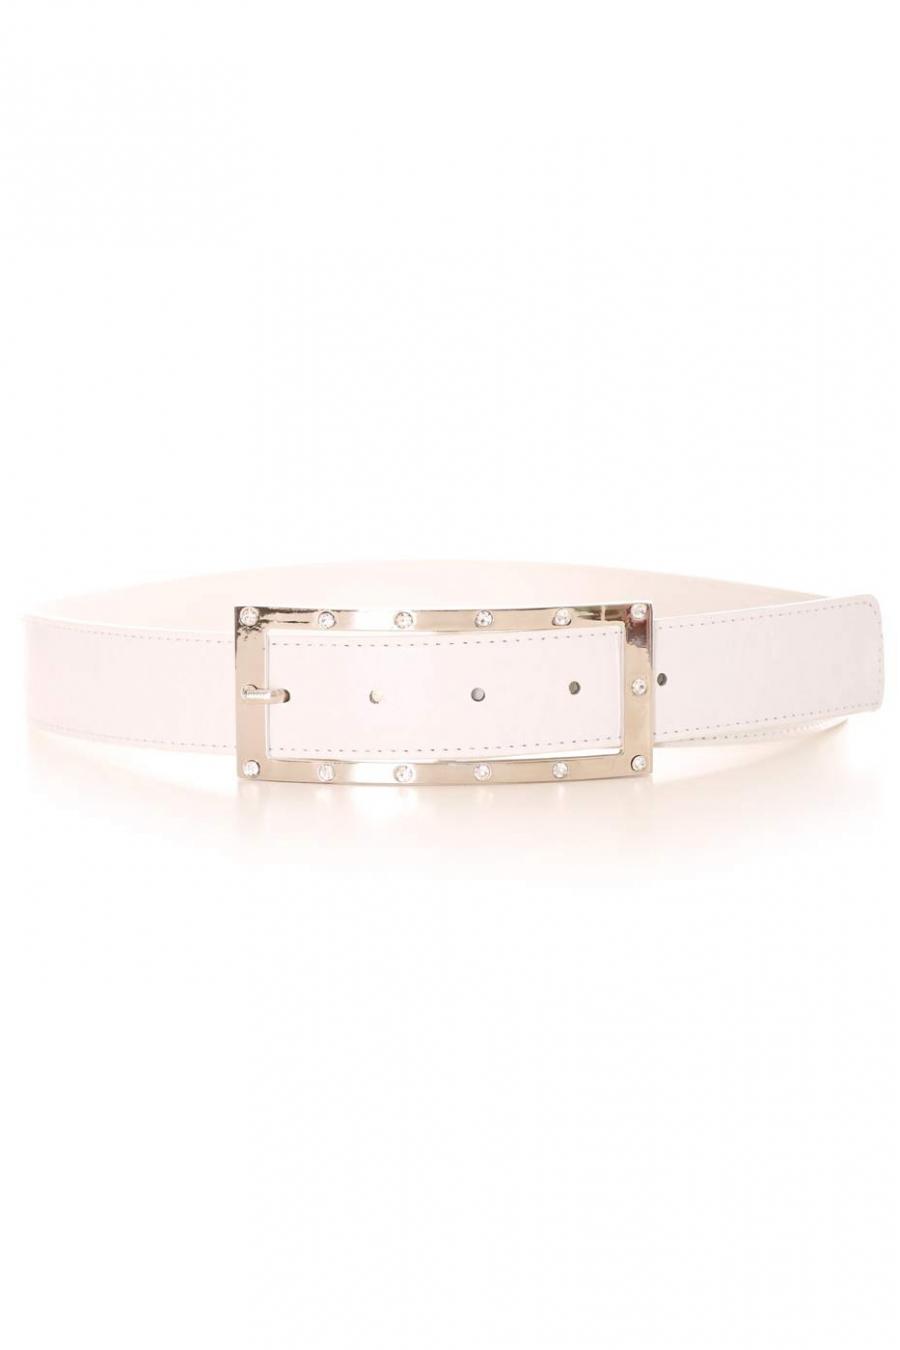 Witte riem met rechthoekige zilveren gesp en strass steentjes. Toebehoren 9008